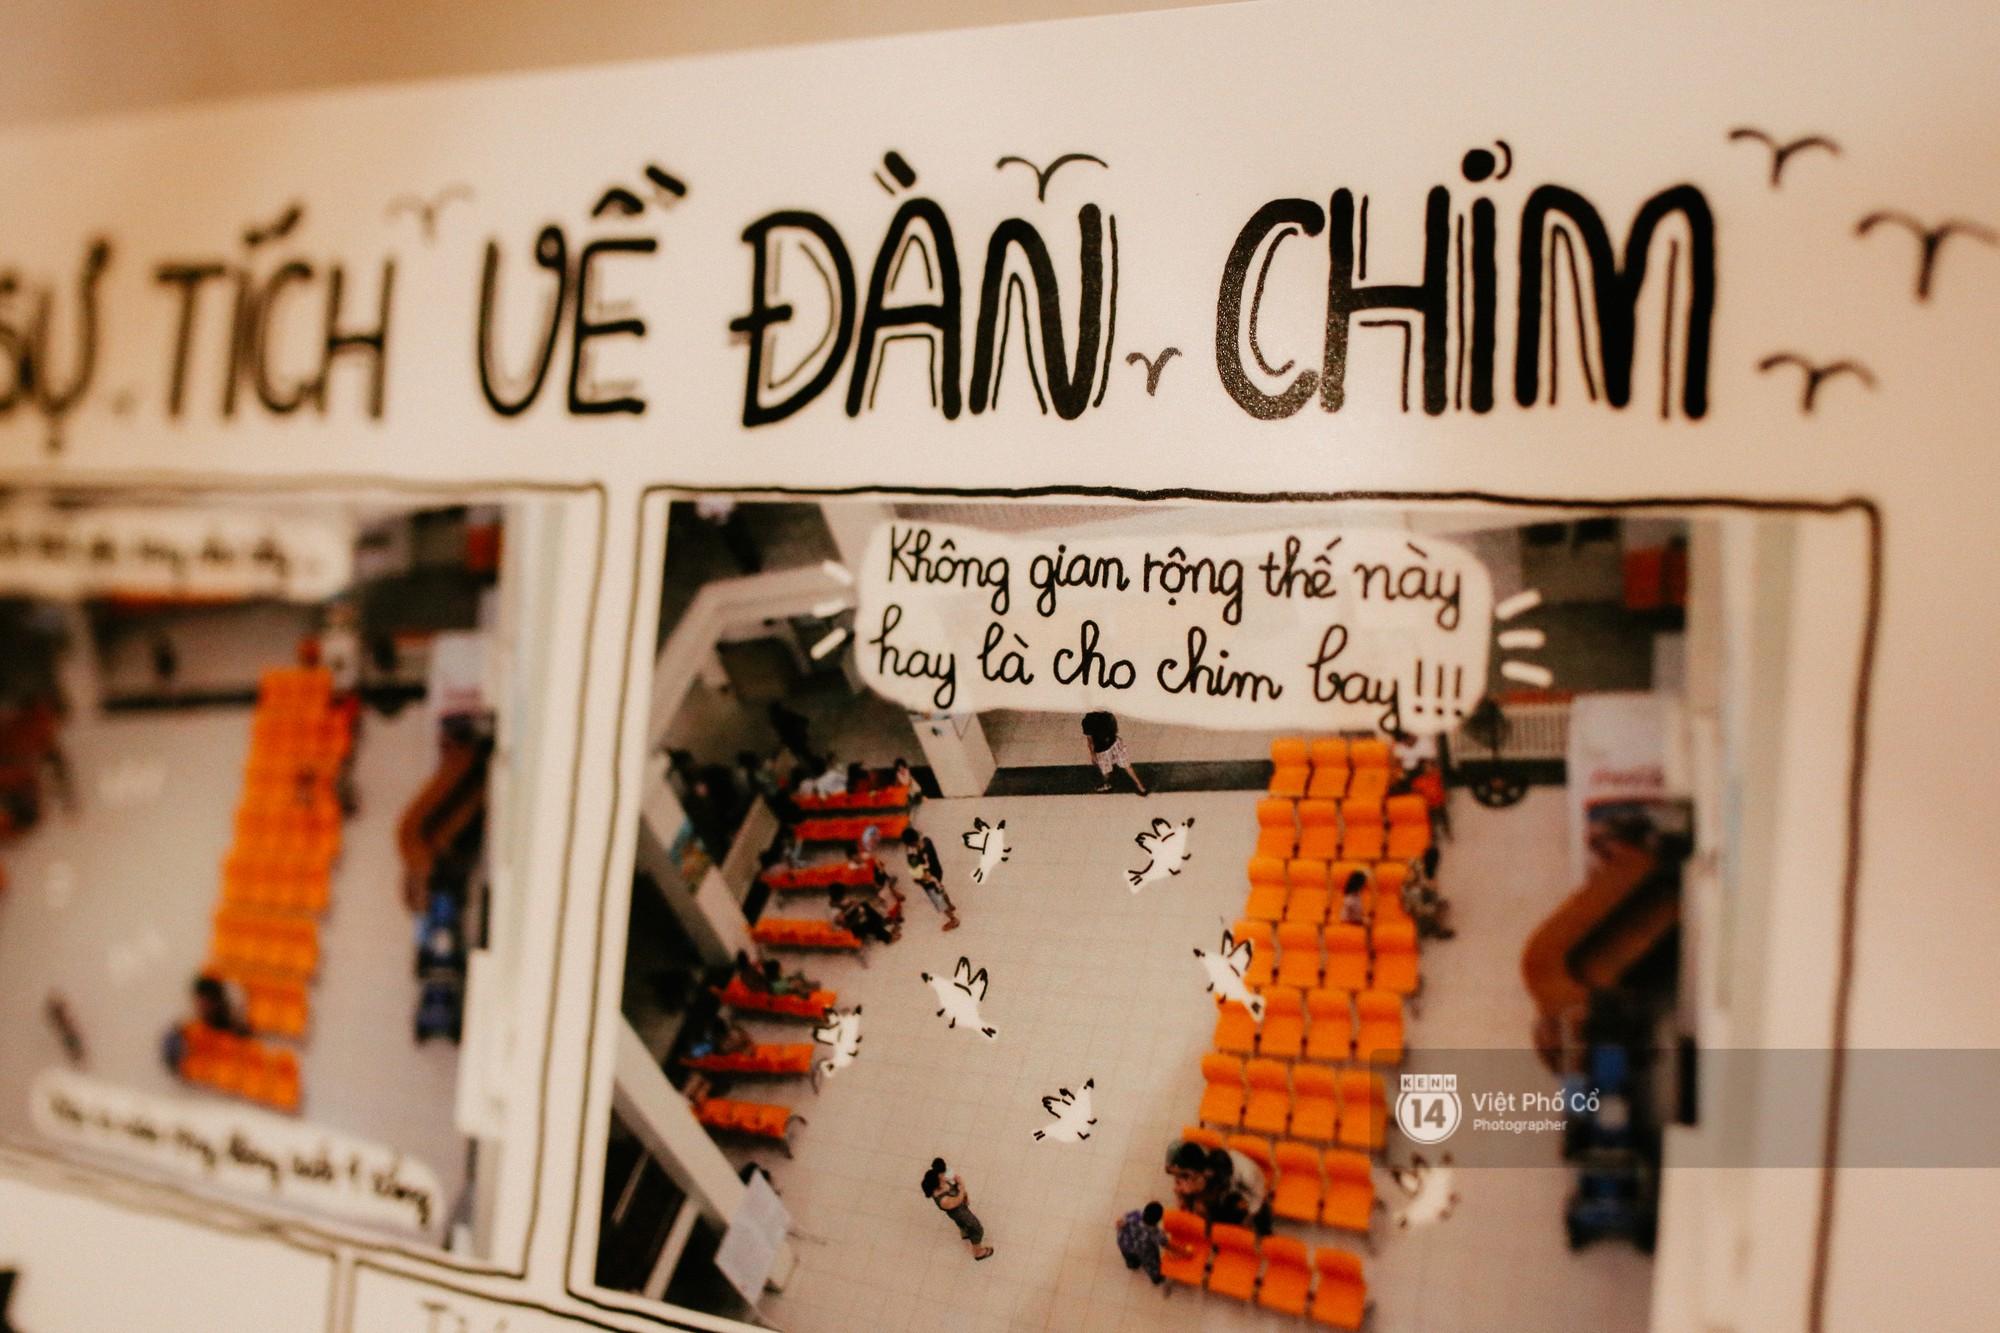 Gieo Xuyên Việt - Nhìn lại hành trình 45 ngày trao niềm vui và yêu thương của Toa Tàu - Ảnh 8.